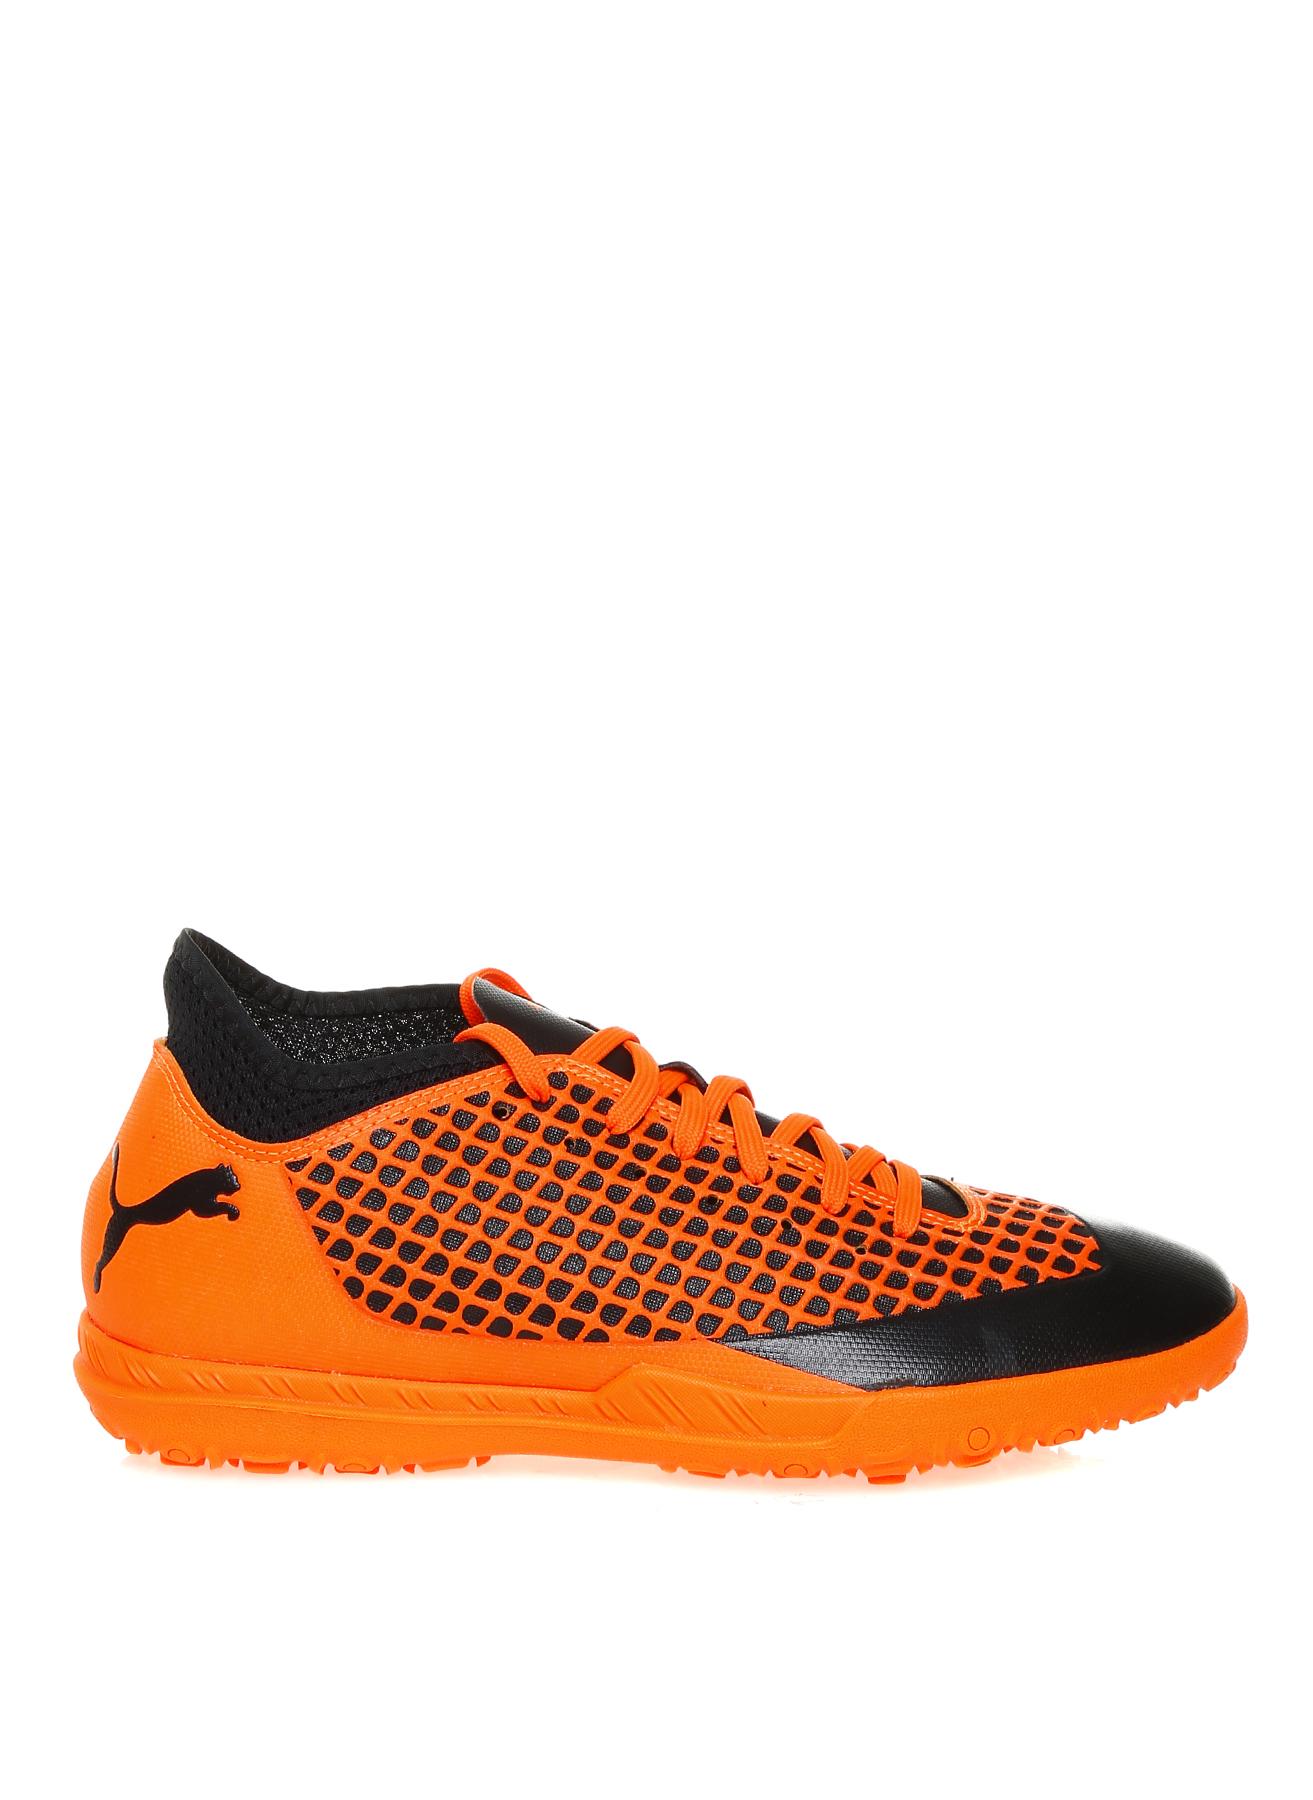 Puma FUTURE 2.4 TT Futbol Ayakkabısı 42 5001632566003 Ürün Resmi